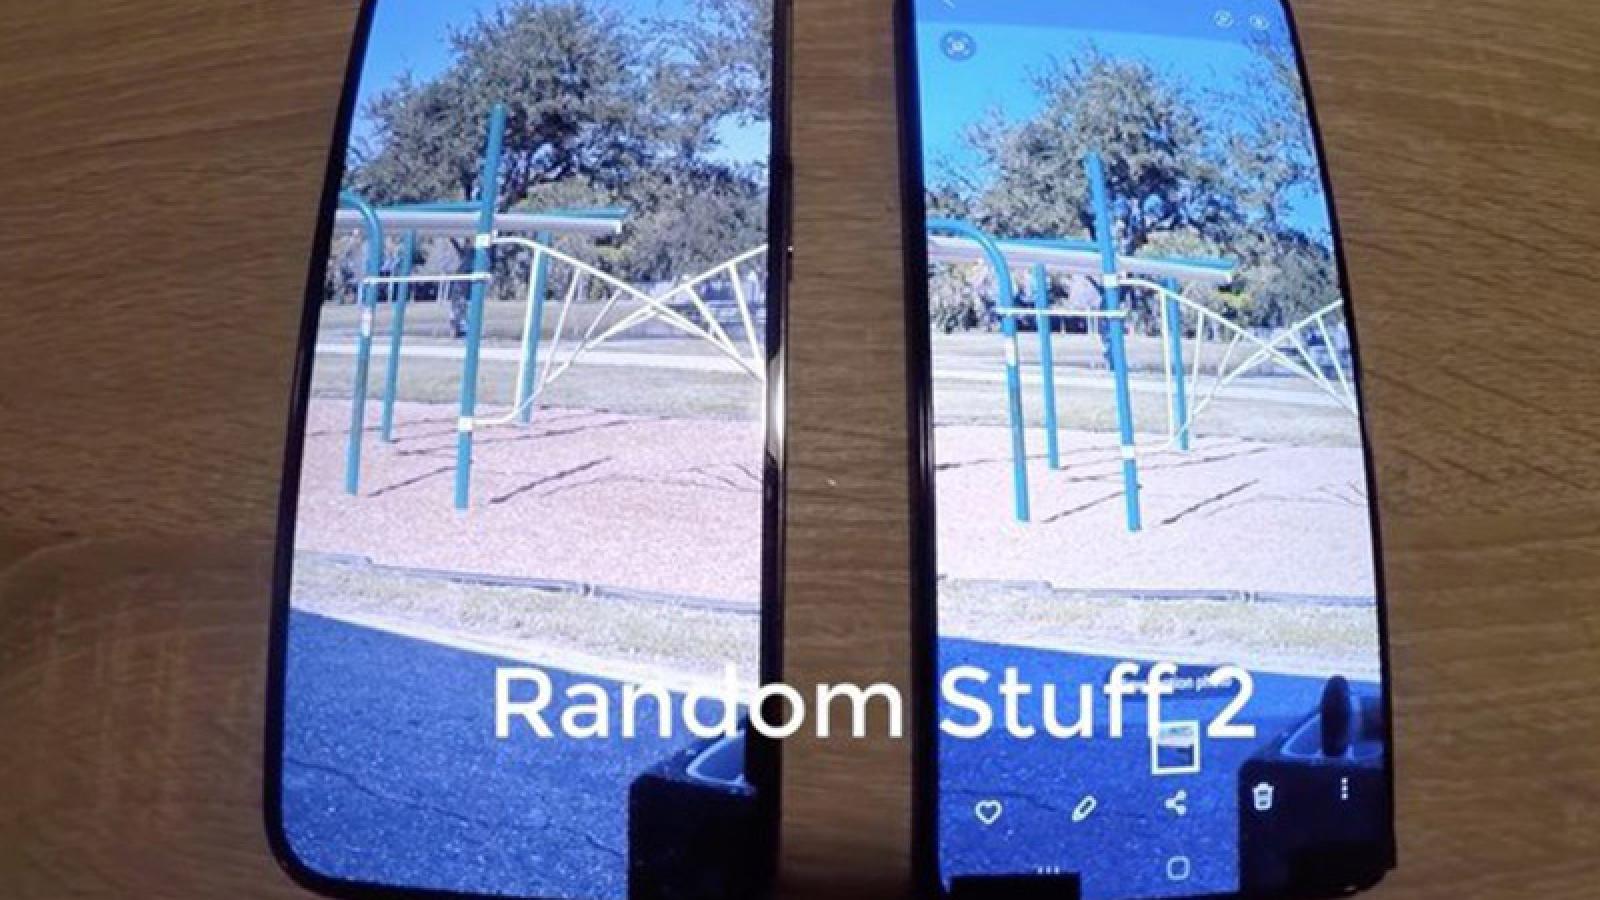 Chưa phát hành, Galaxy S21+ đã có video so sánh với iPhone 12 Pro